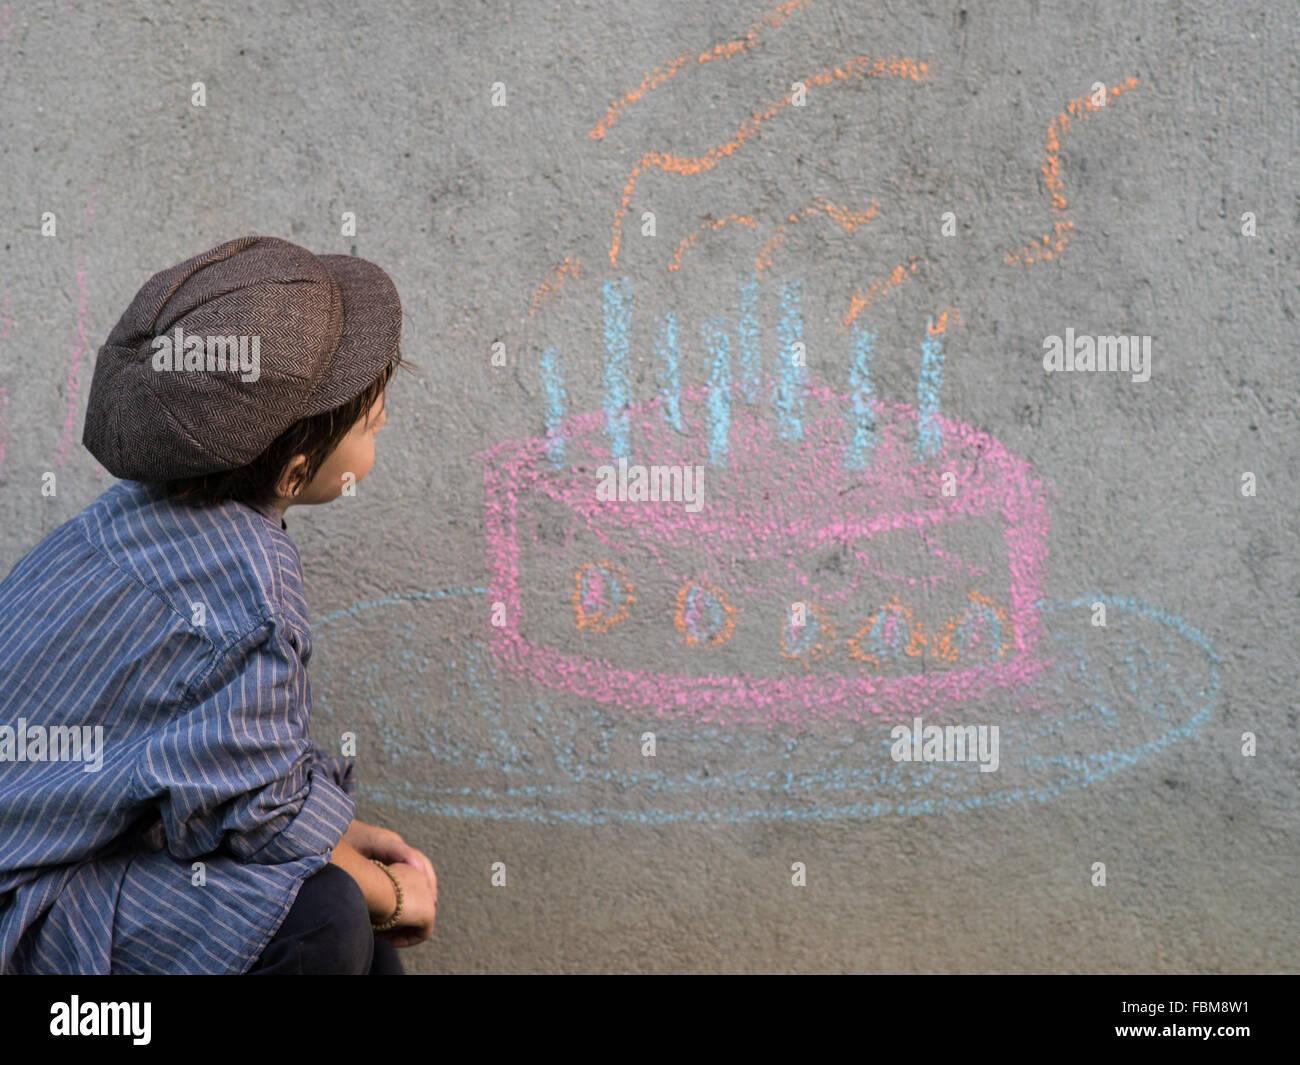 Junge Geburtstagskuchen an Wand mit Kreide zeichnen Stockfoto